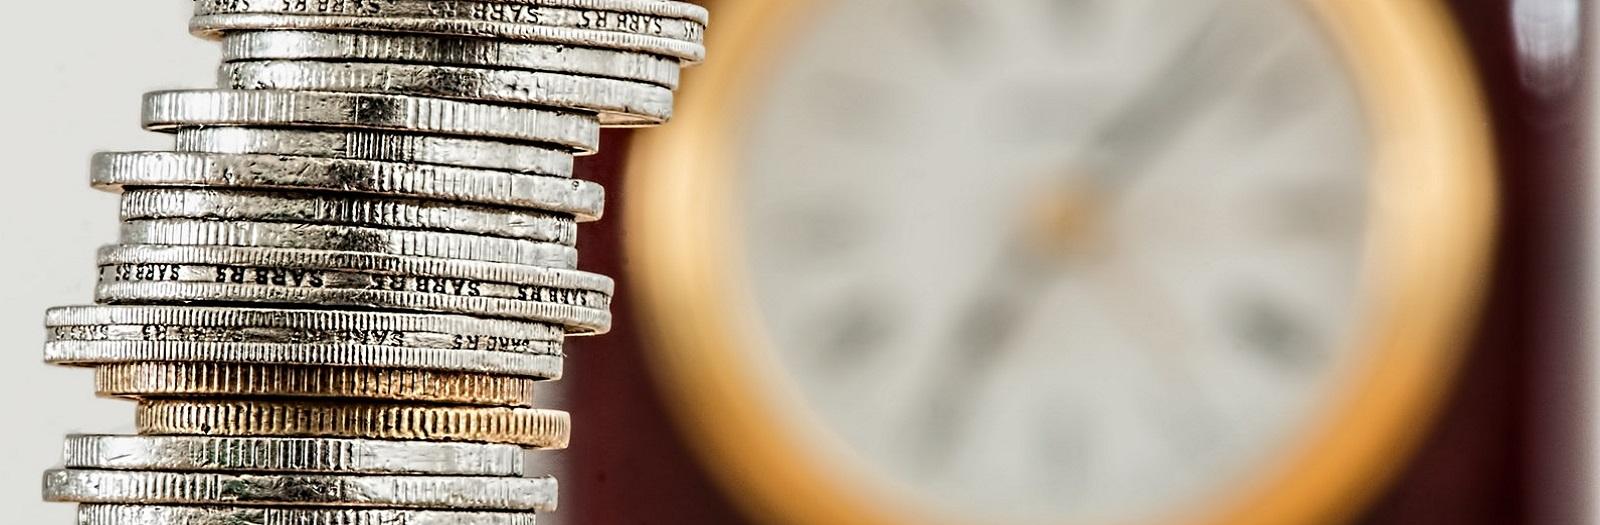 Gezien in de media, FD: Opslagverhuurder Allsafe krijgt kapitaalinjectie van Rabobank